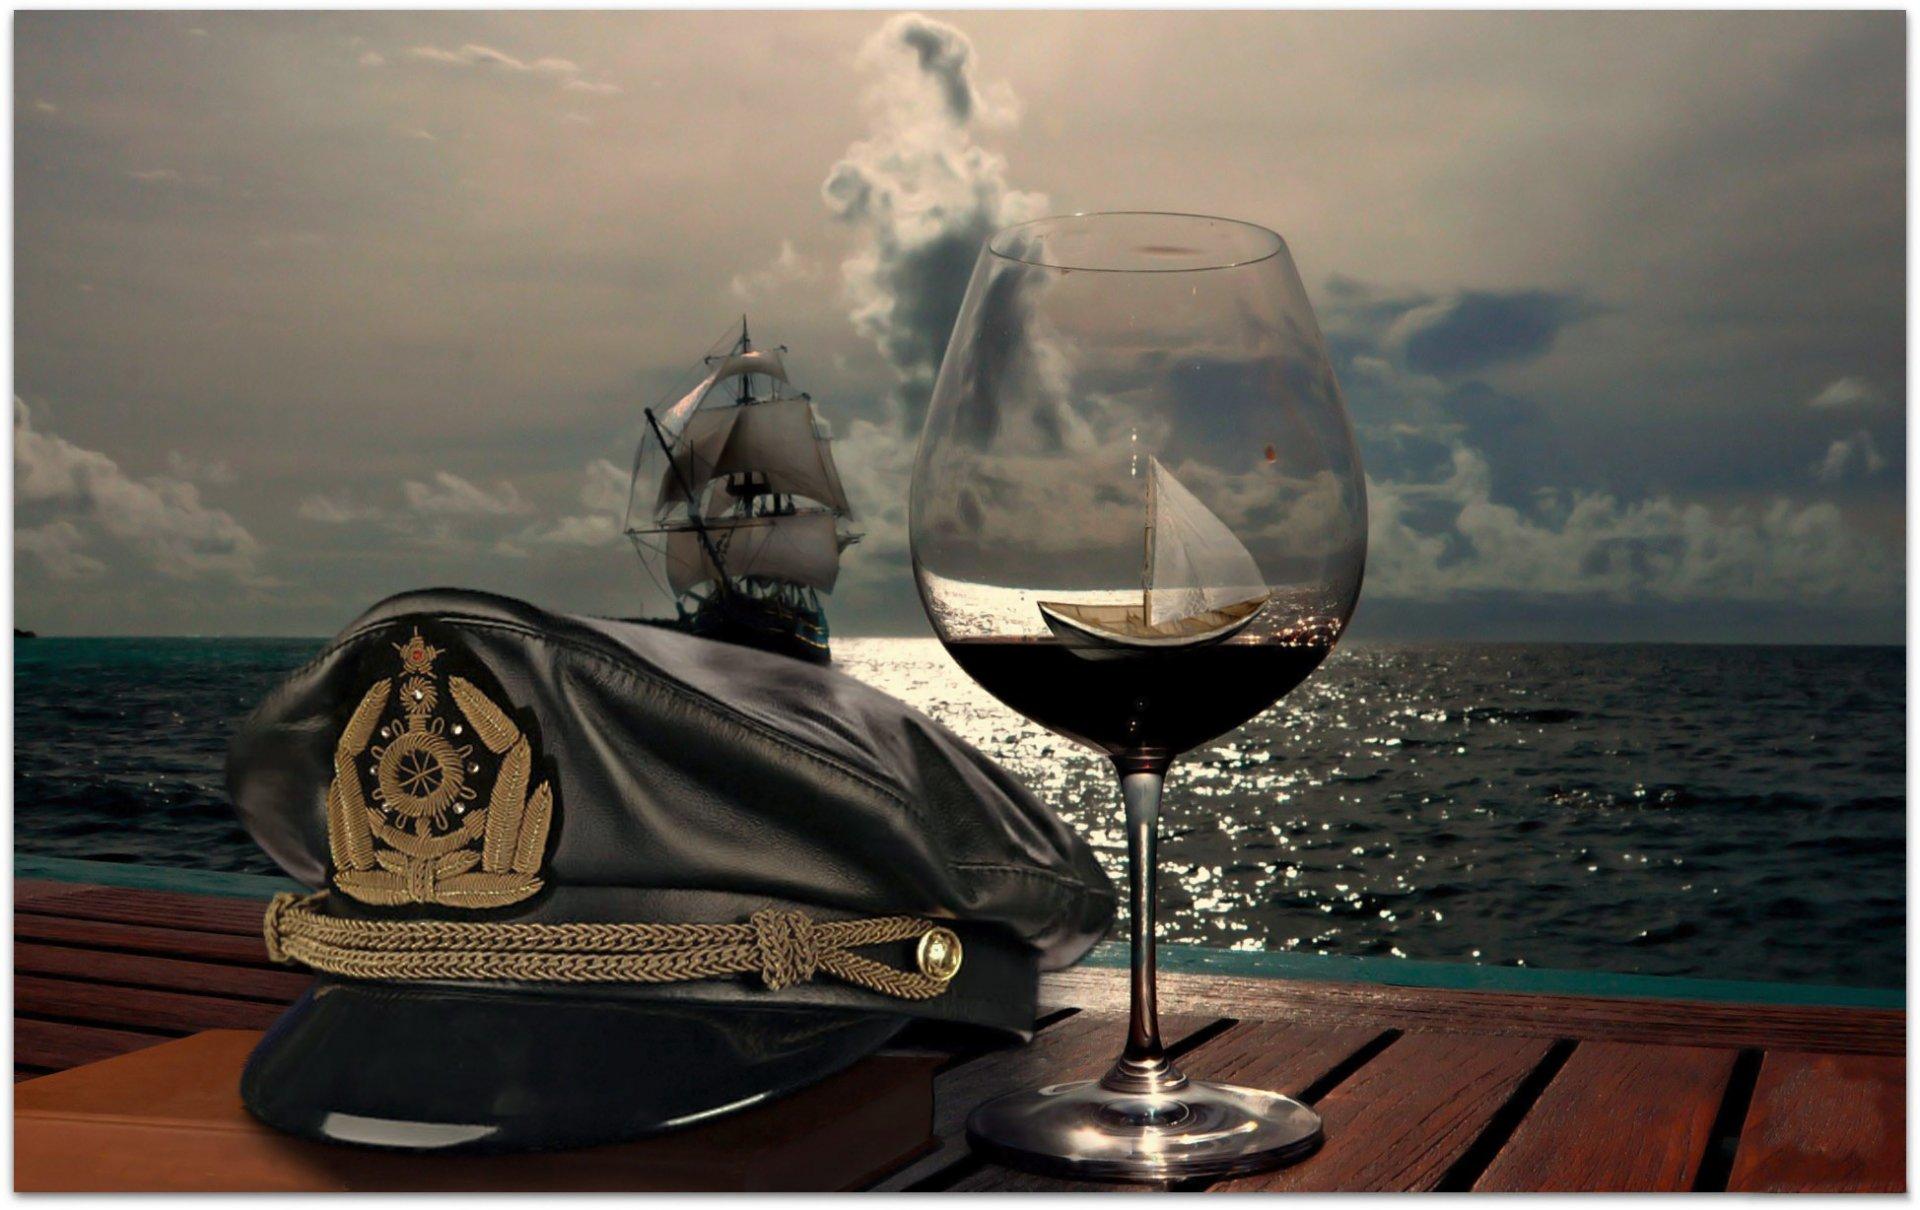 поздравление капитану корабля на юбилей представить